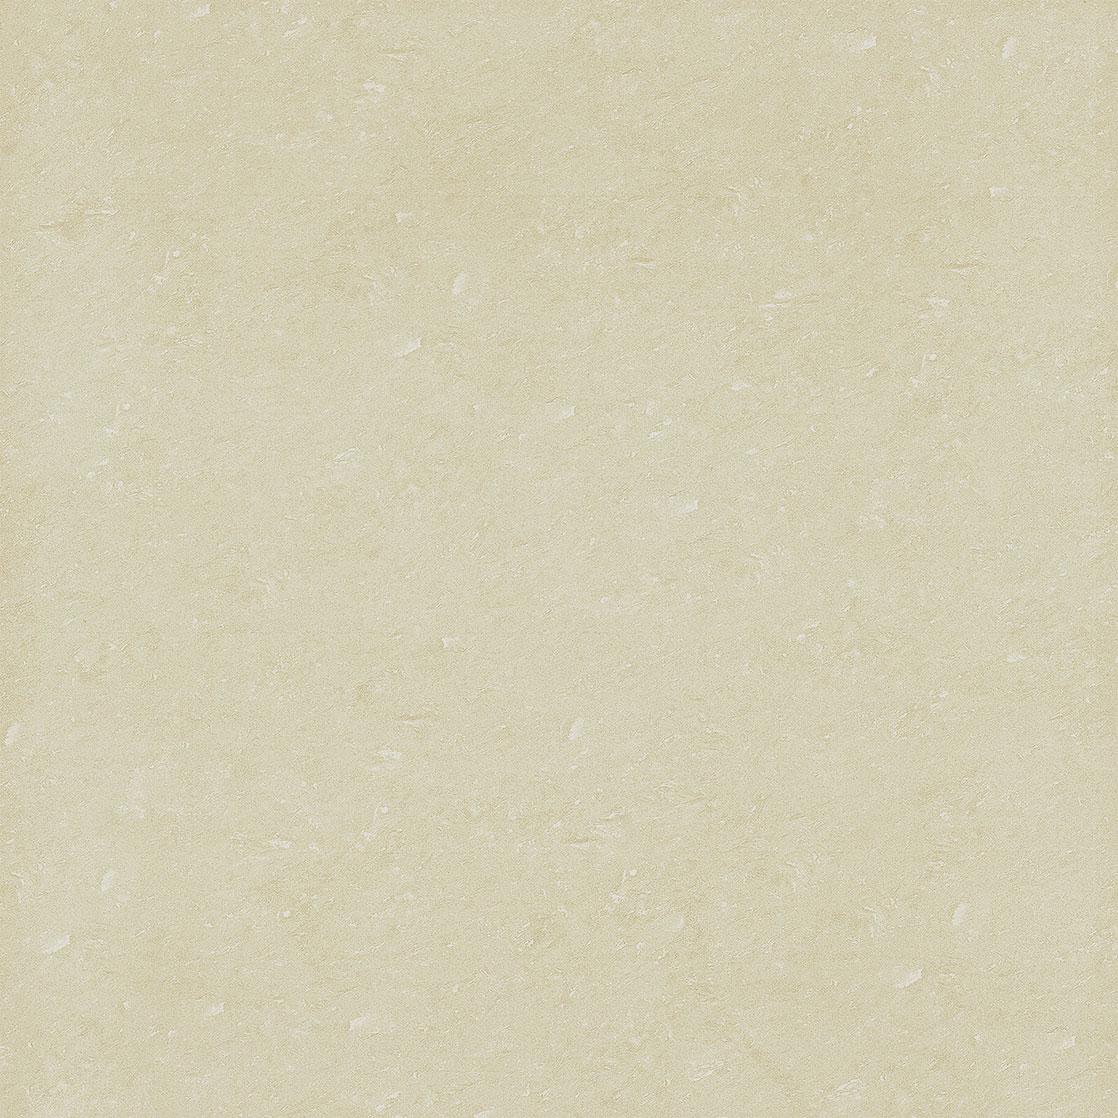 Gạch lát nền 60x60 Viglacera UH6820 giá rẻ